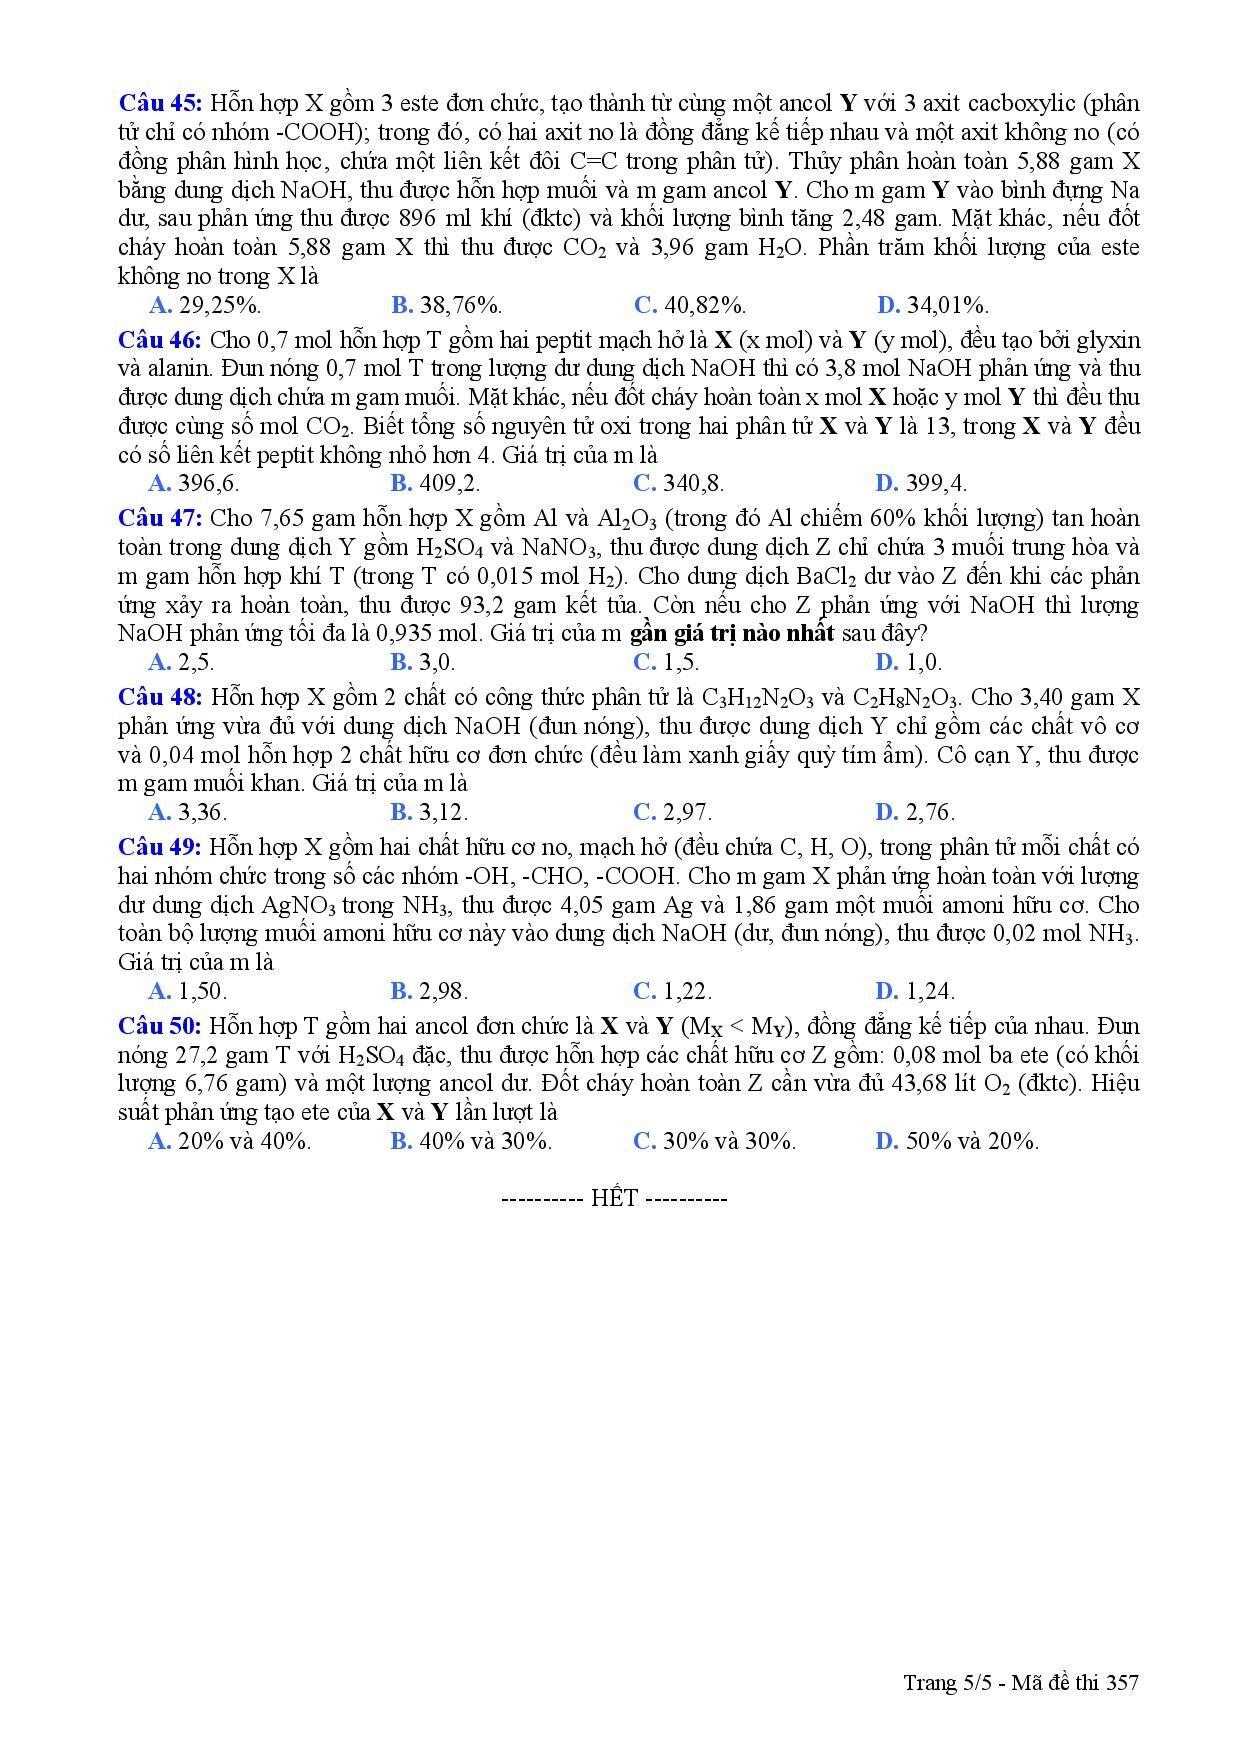 Đáp án đề thi môn Hóa học tốt nghiệp THPTQG năm 2015 nhanh nhất 7